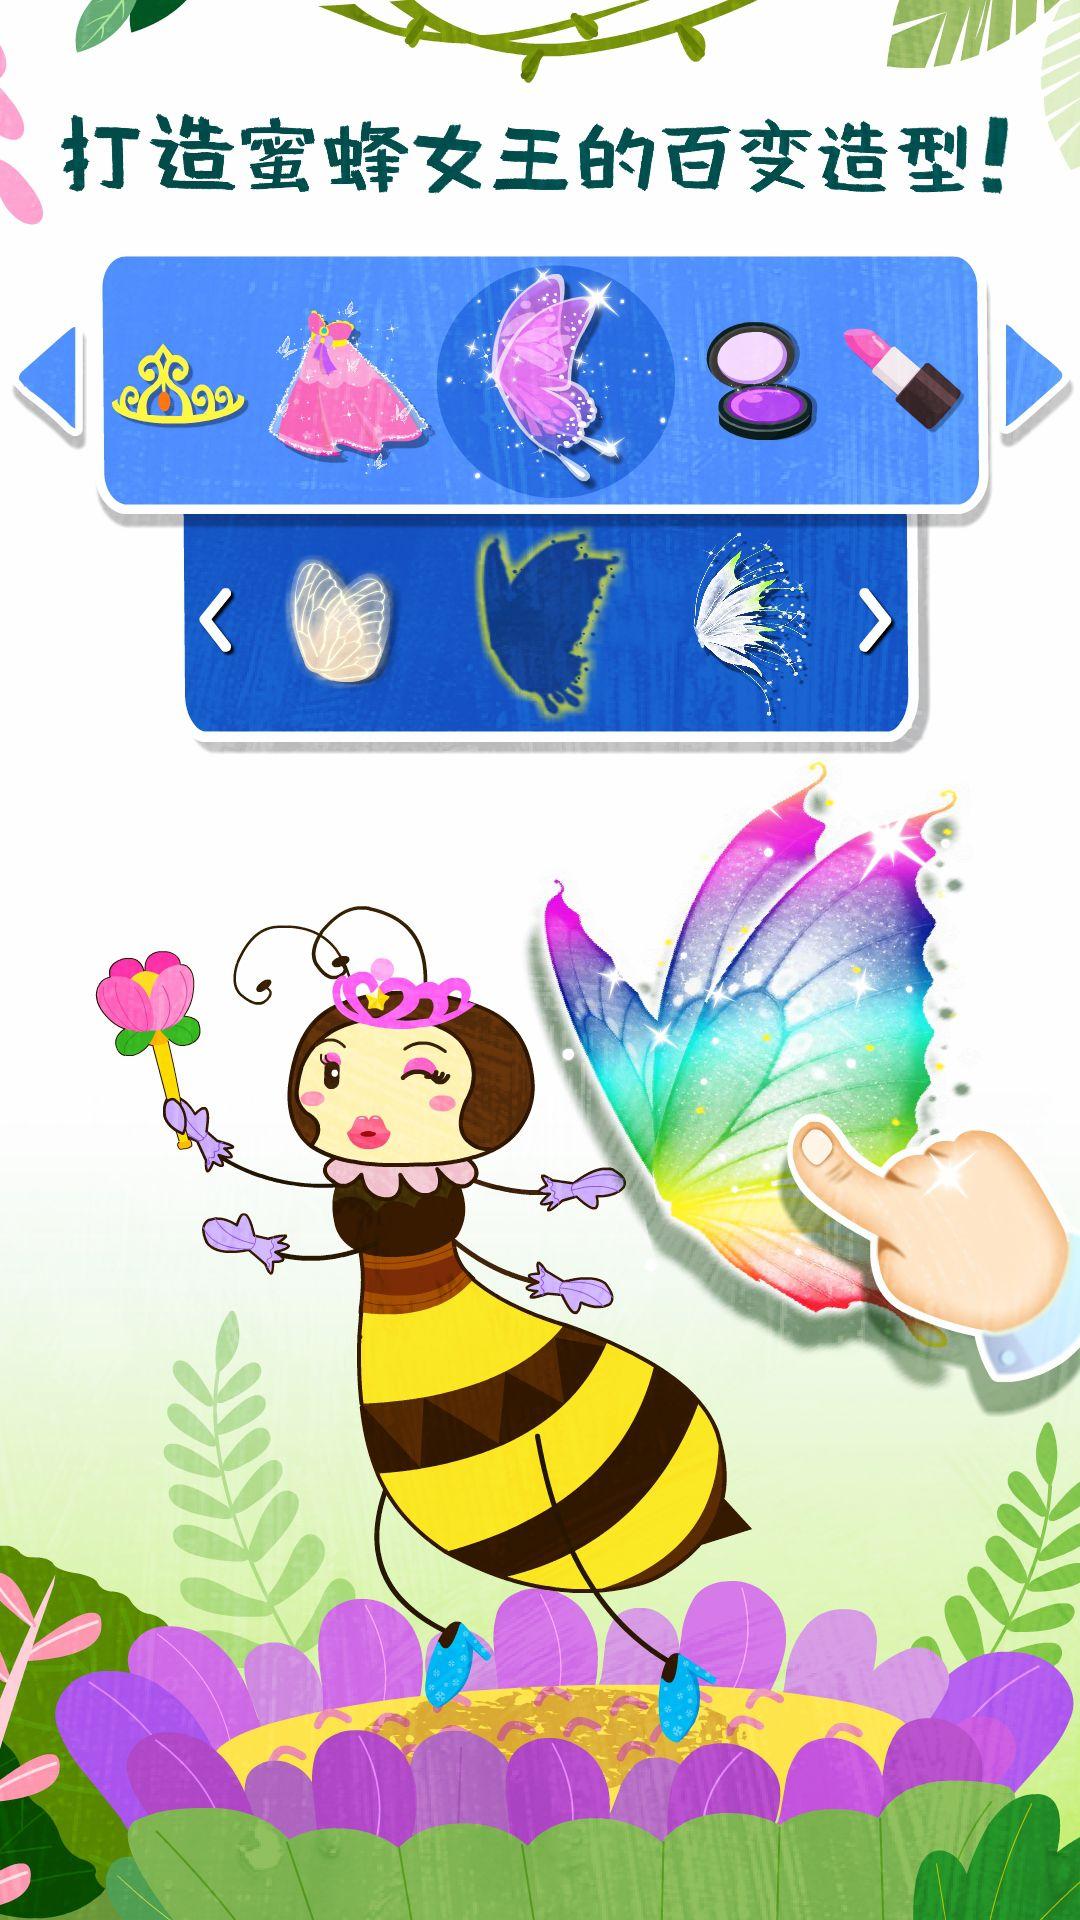 奇妙昆虫世界-应用截图